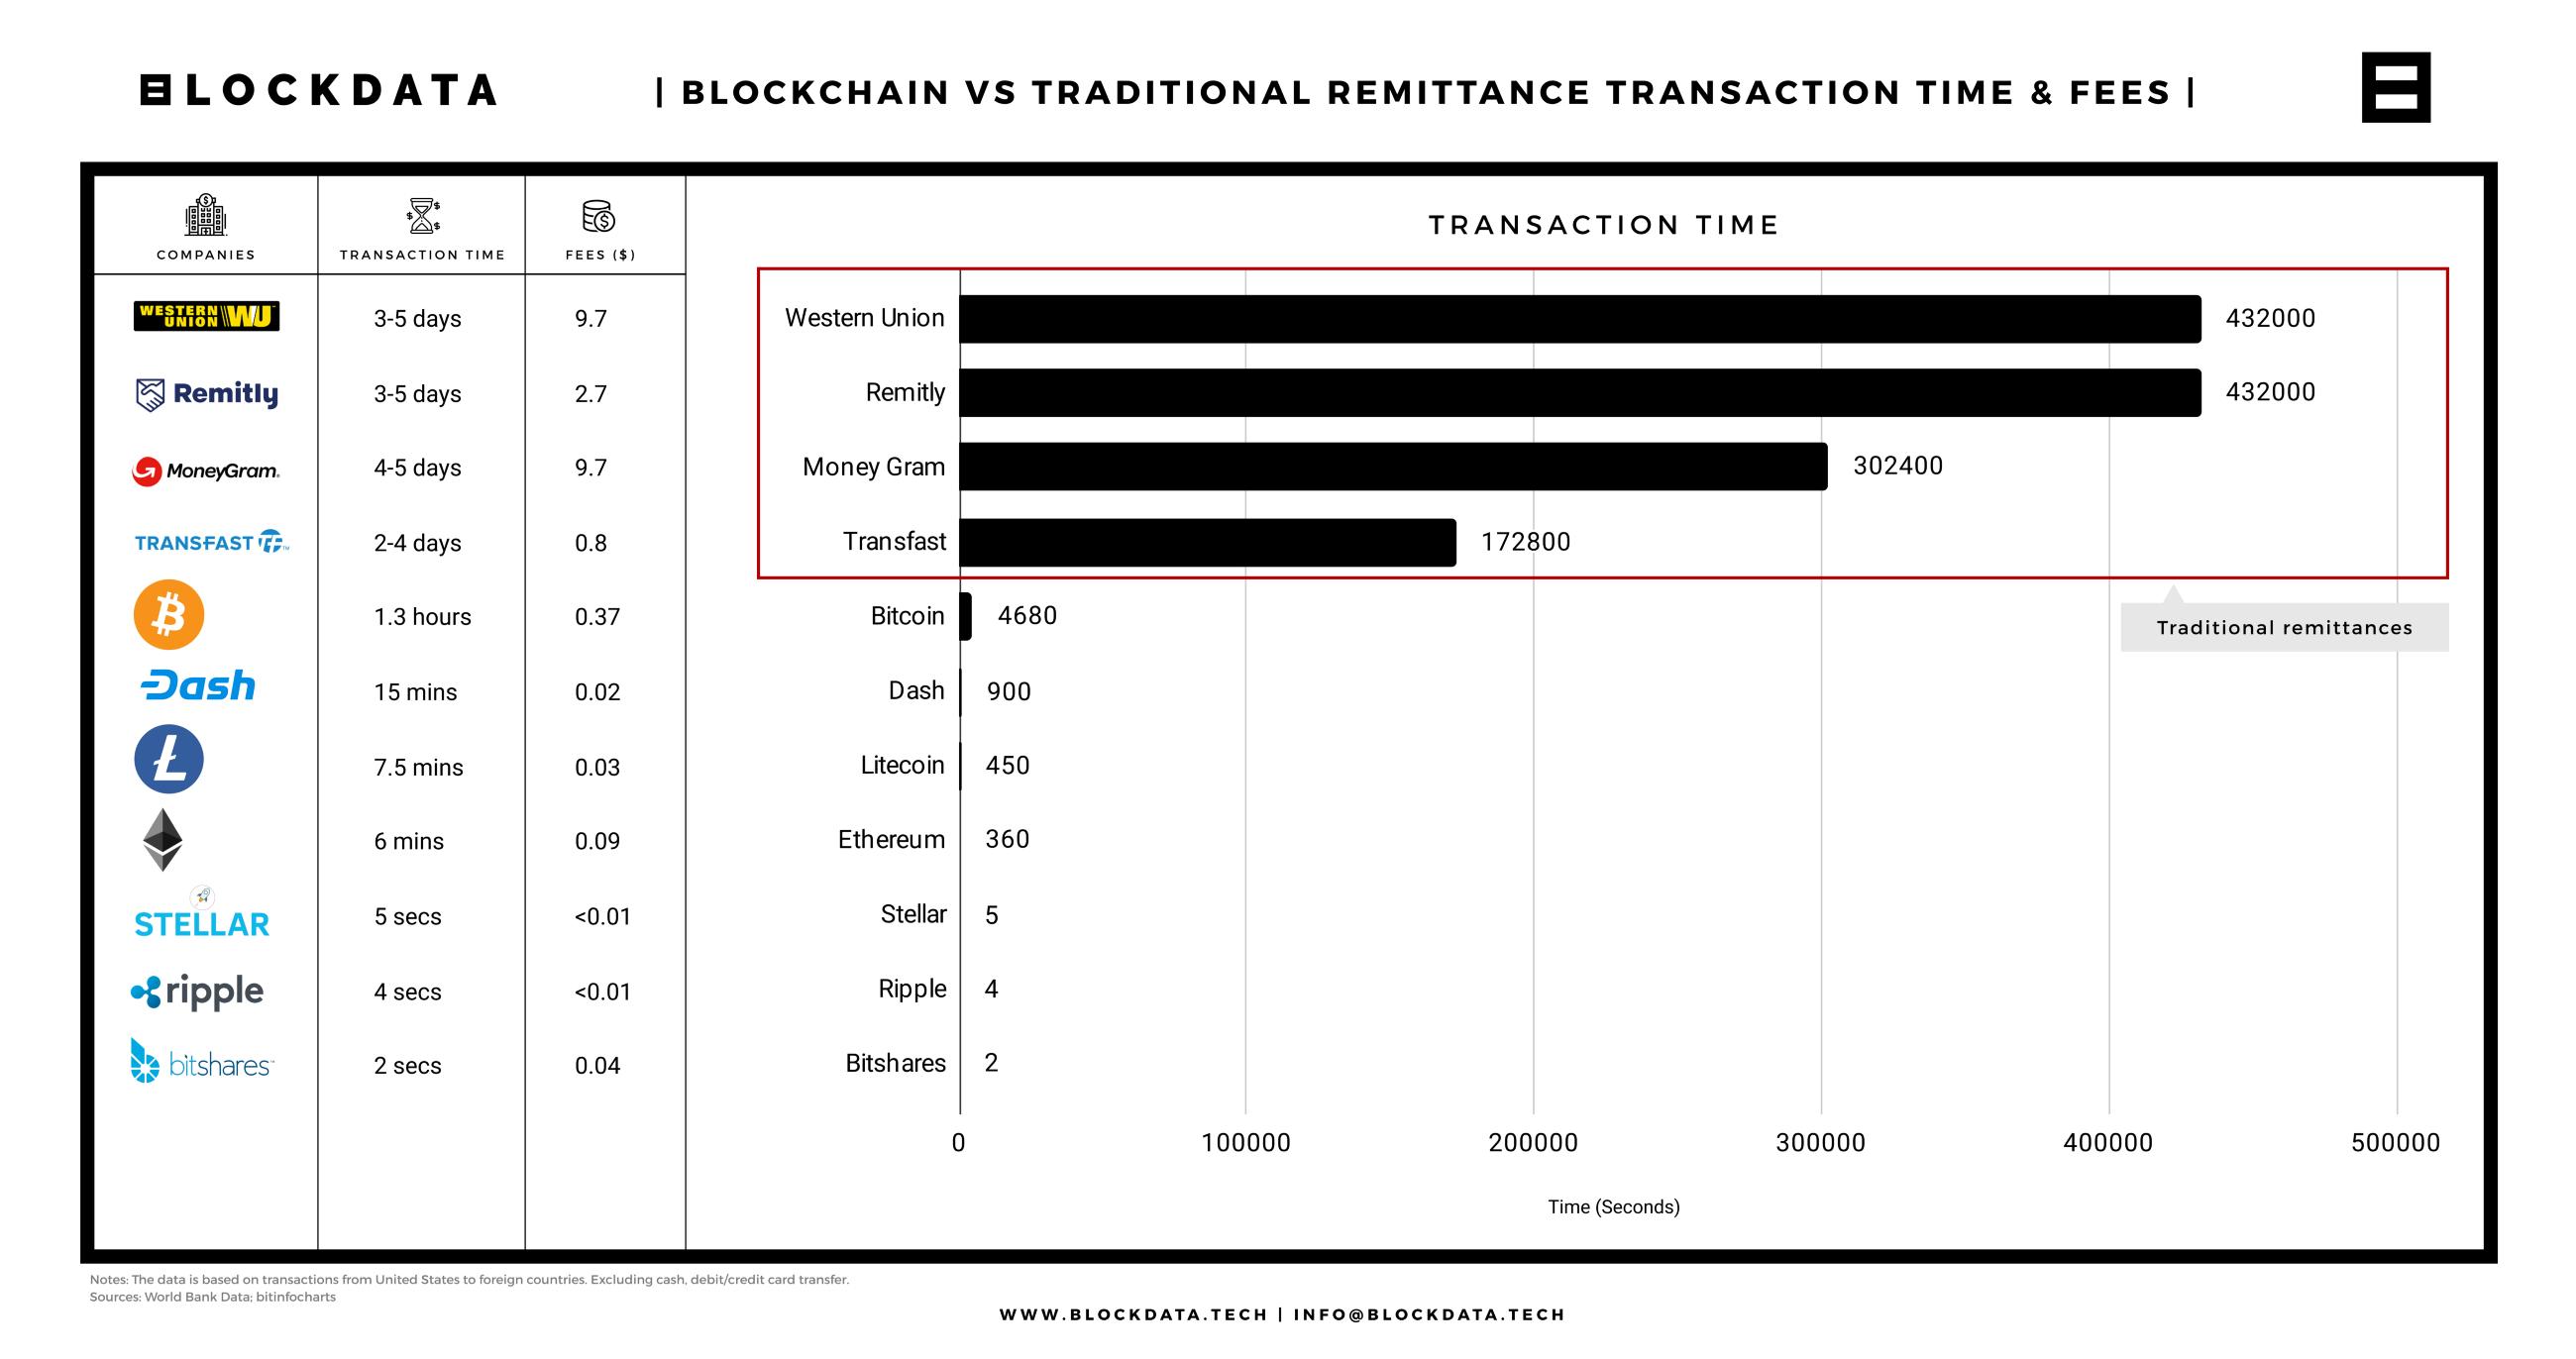 Geleneksel fon transferi yöntemlerine karşı blockchain. Komisyonların büyüklükleri ve süre karşılaştırılması